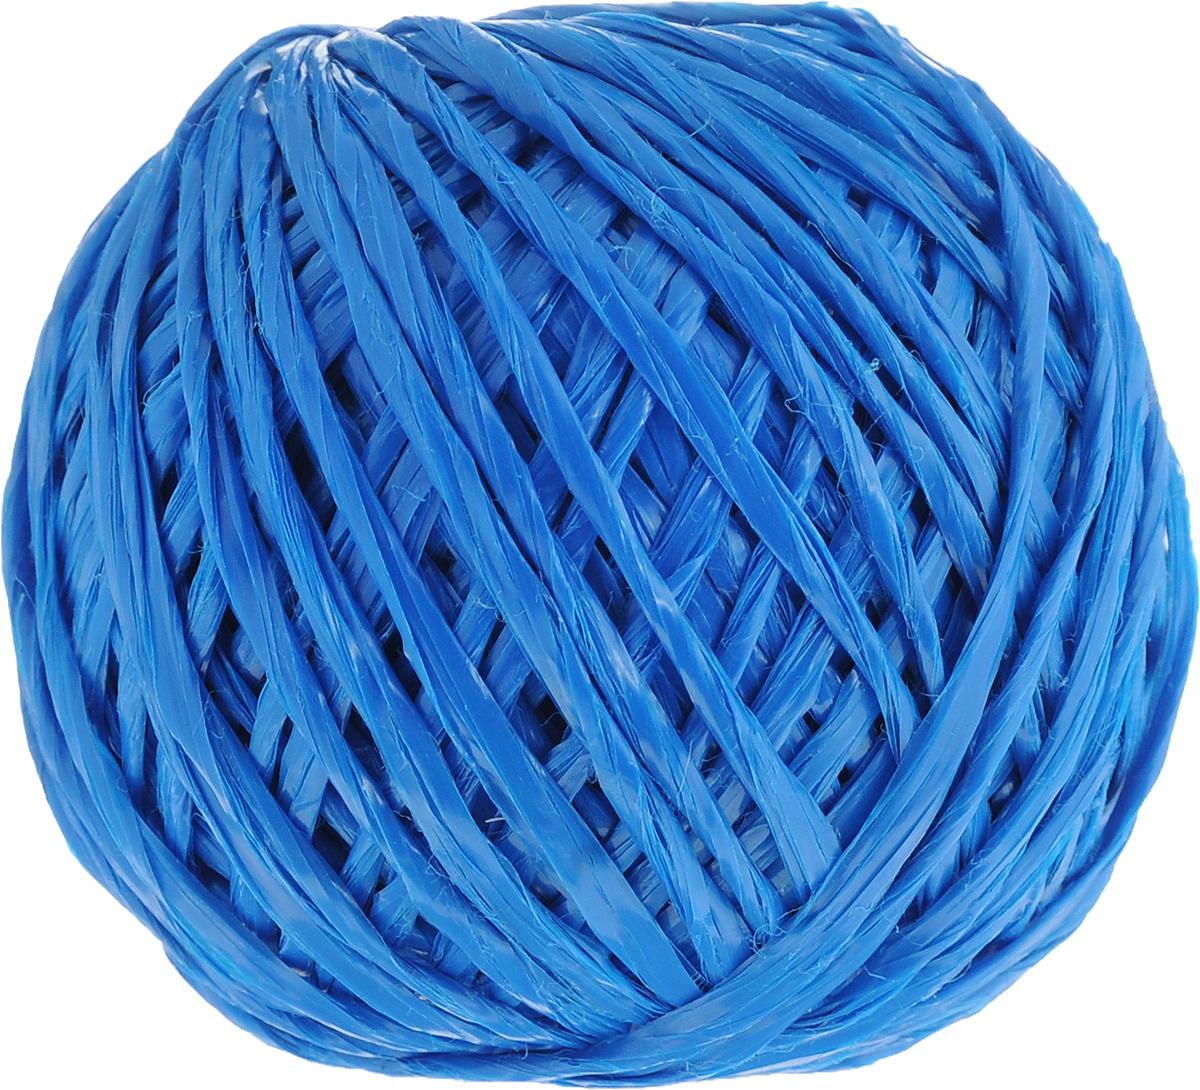 Шпагат Шнурком, цвет: синий, длина 60 мШпп_60_синийПолипропиленовый шпагат Шнурком плотностью 1000 текс входит в категорию веревочной продукции, сырьем для которой являются синтетические волокна, в частности полипропиленовая нить. Данный материал характеризуется высокой прочностью и стойкостью к износу. Кроме того, он эластичен, гибок, не боится многократных изгибов, плотно облегает изделие при обвязке и легко завязывается в крепкие узлы. Относительная удельная плотность полипропиленовых шпагатов варьируется от 0,70 до 0,91 кг/м3. Температура плавления от 150 до 170°C (в зависимости от вида и модели шпагата). Удлинение под предельной нагрузкой (18-20%).Длина шпагата: 60 м. Толщина нити: 2 мм. Линейная плотность шпагата: 1000 текс.